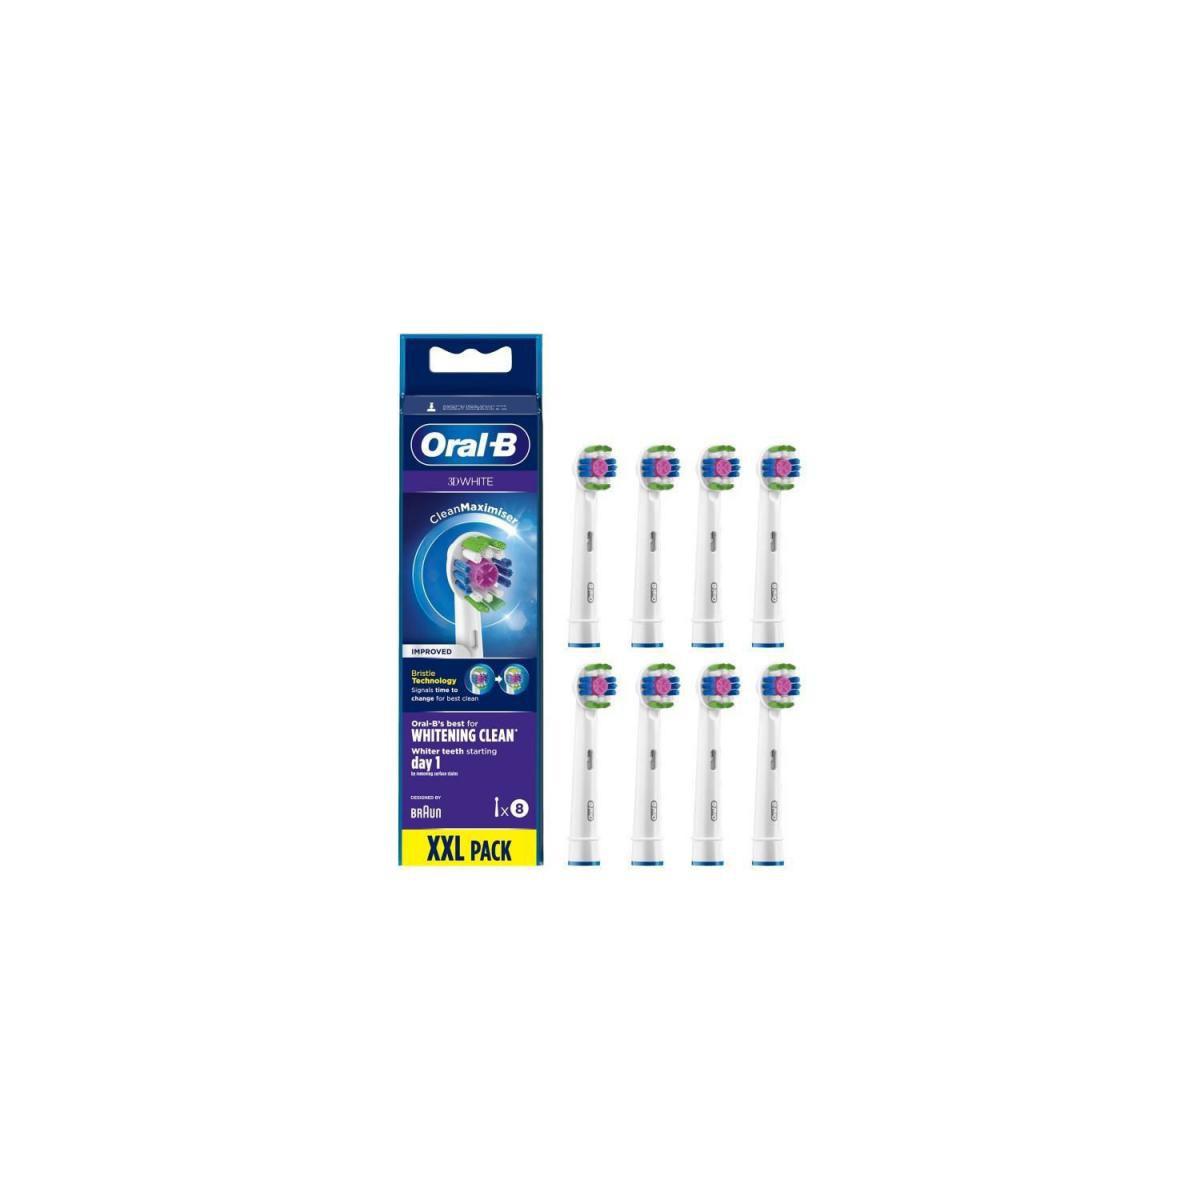 Oral-B Oral-B 3D White Brossette Avec CleanMaximiser, 8